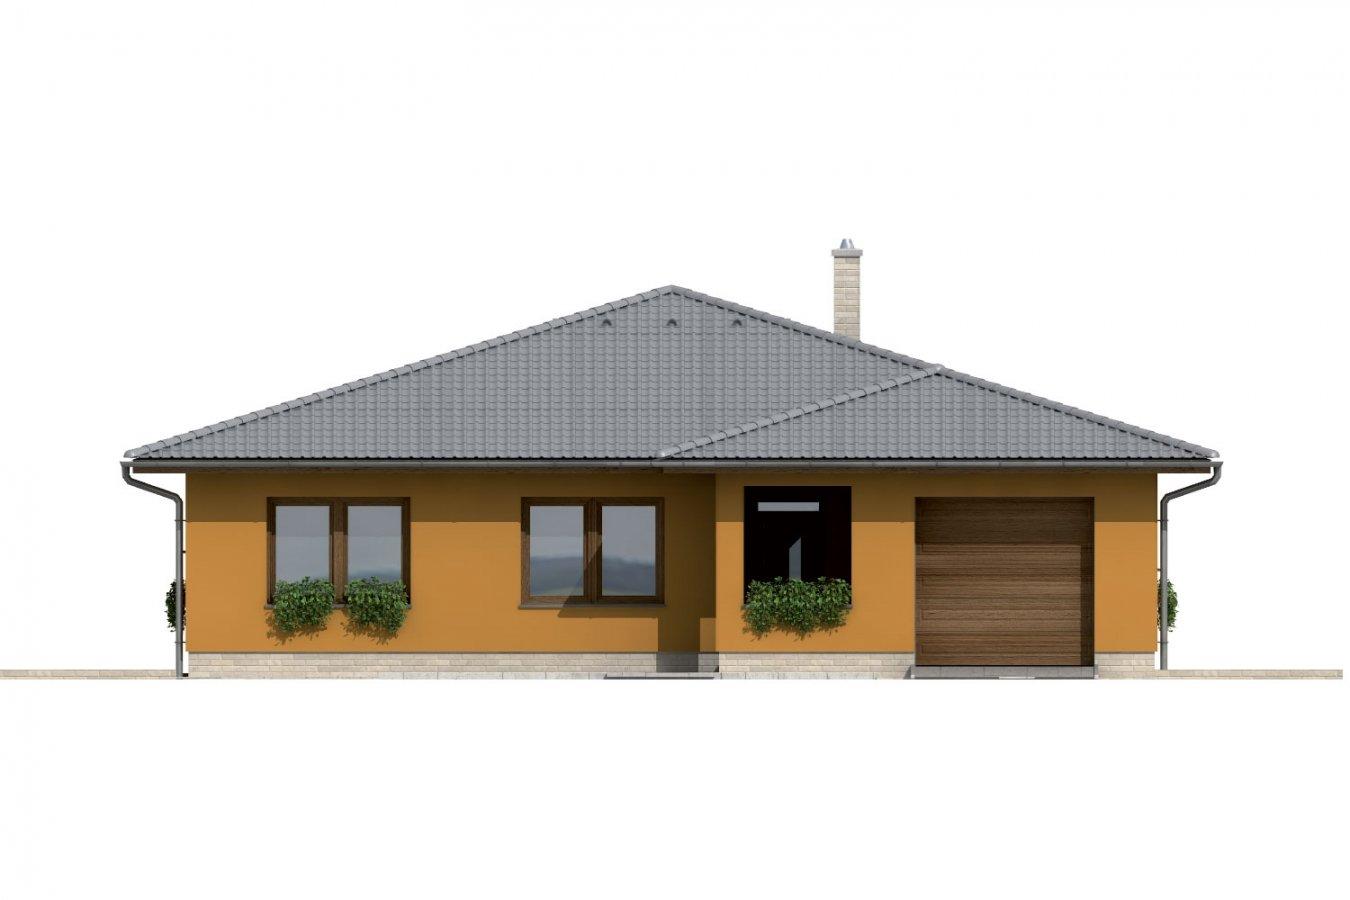 Pohľad 1. - Dom so stanovou strechou